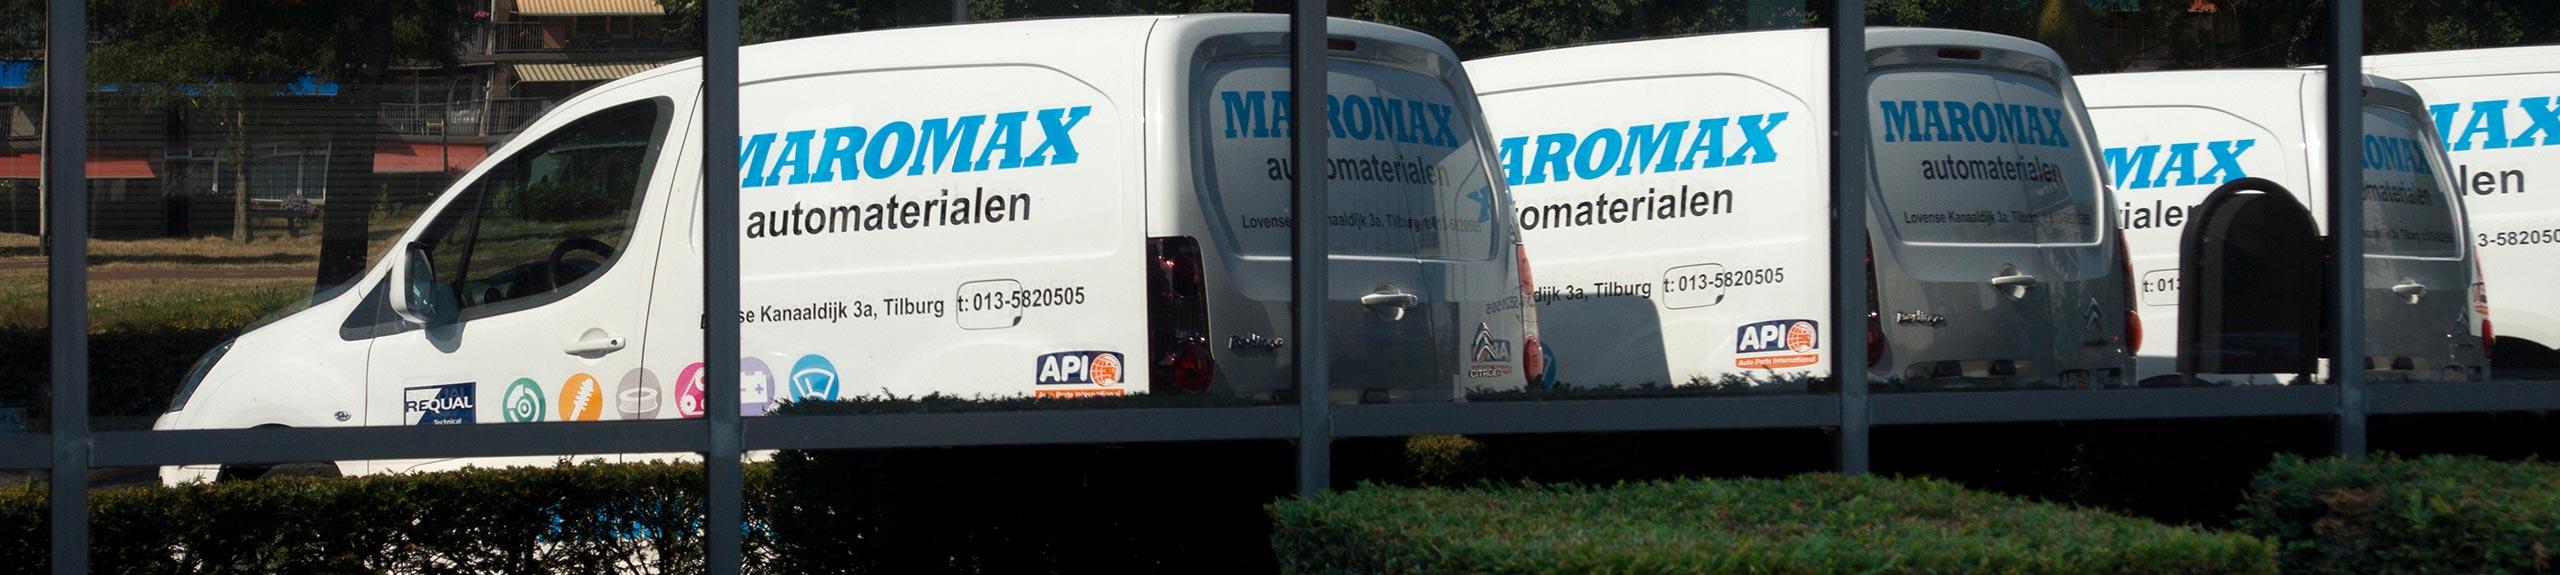 Home Maromax Automaterialen